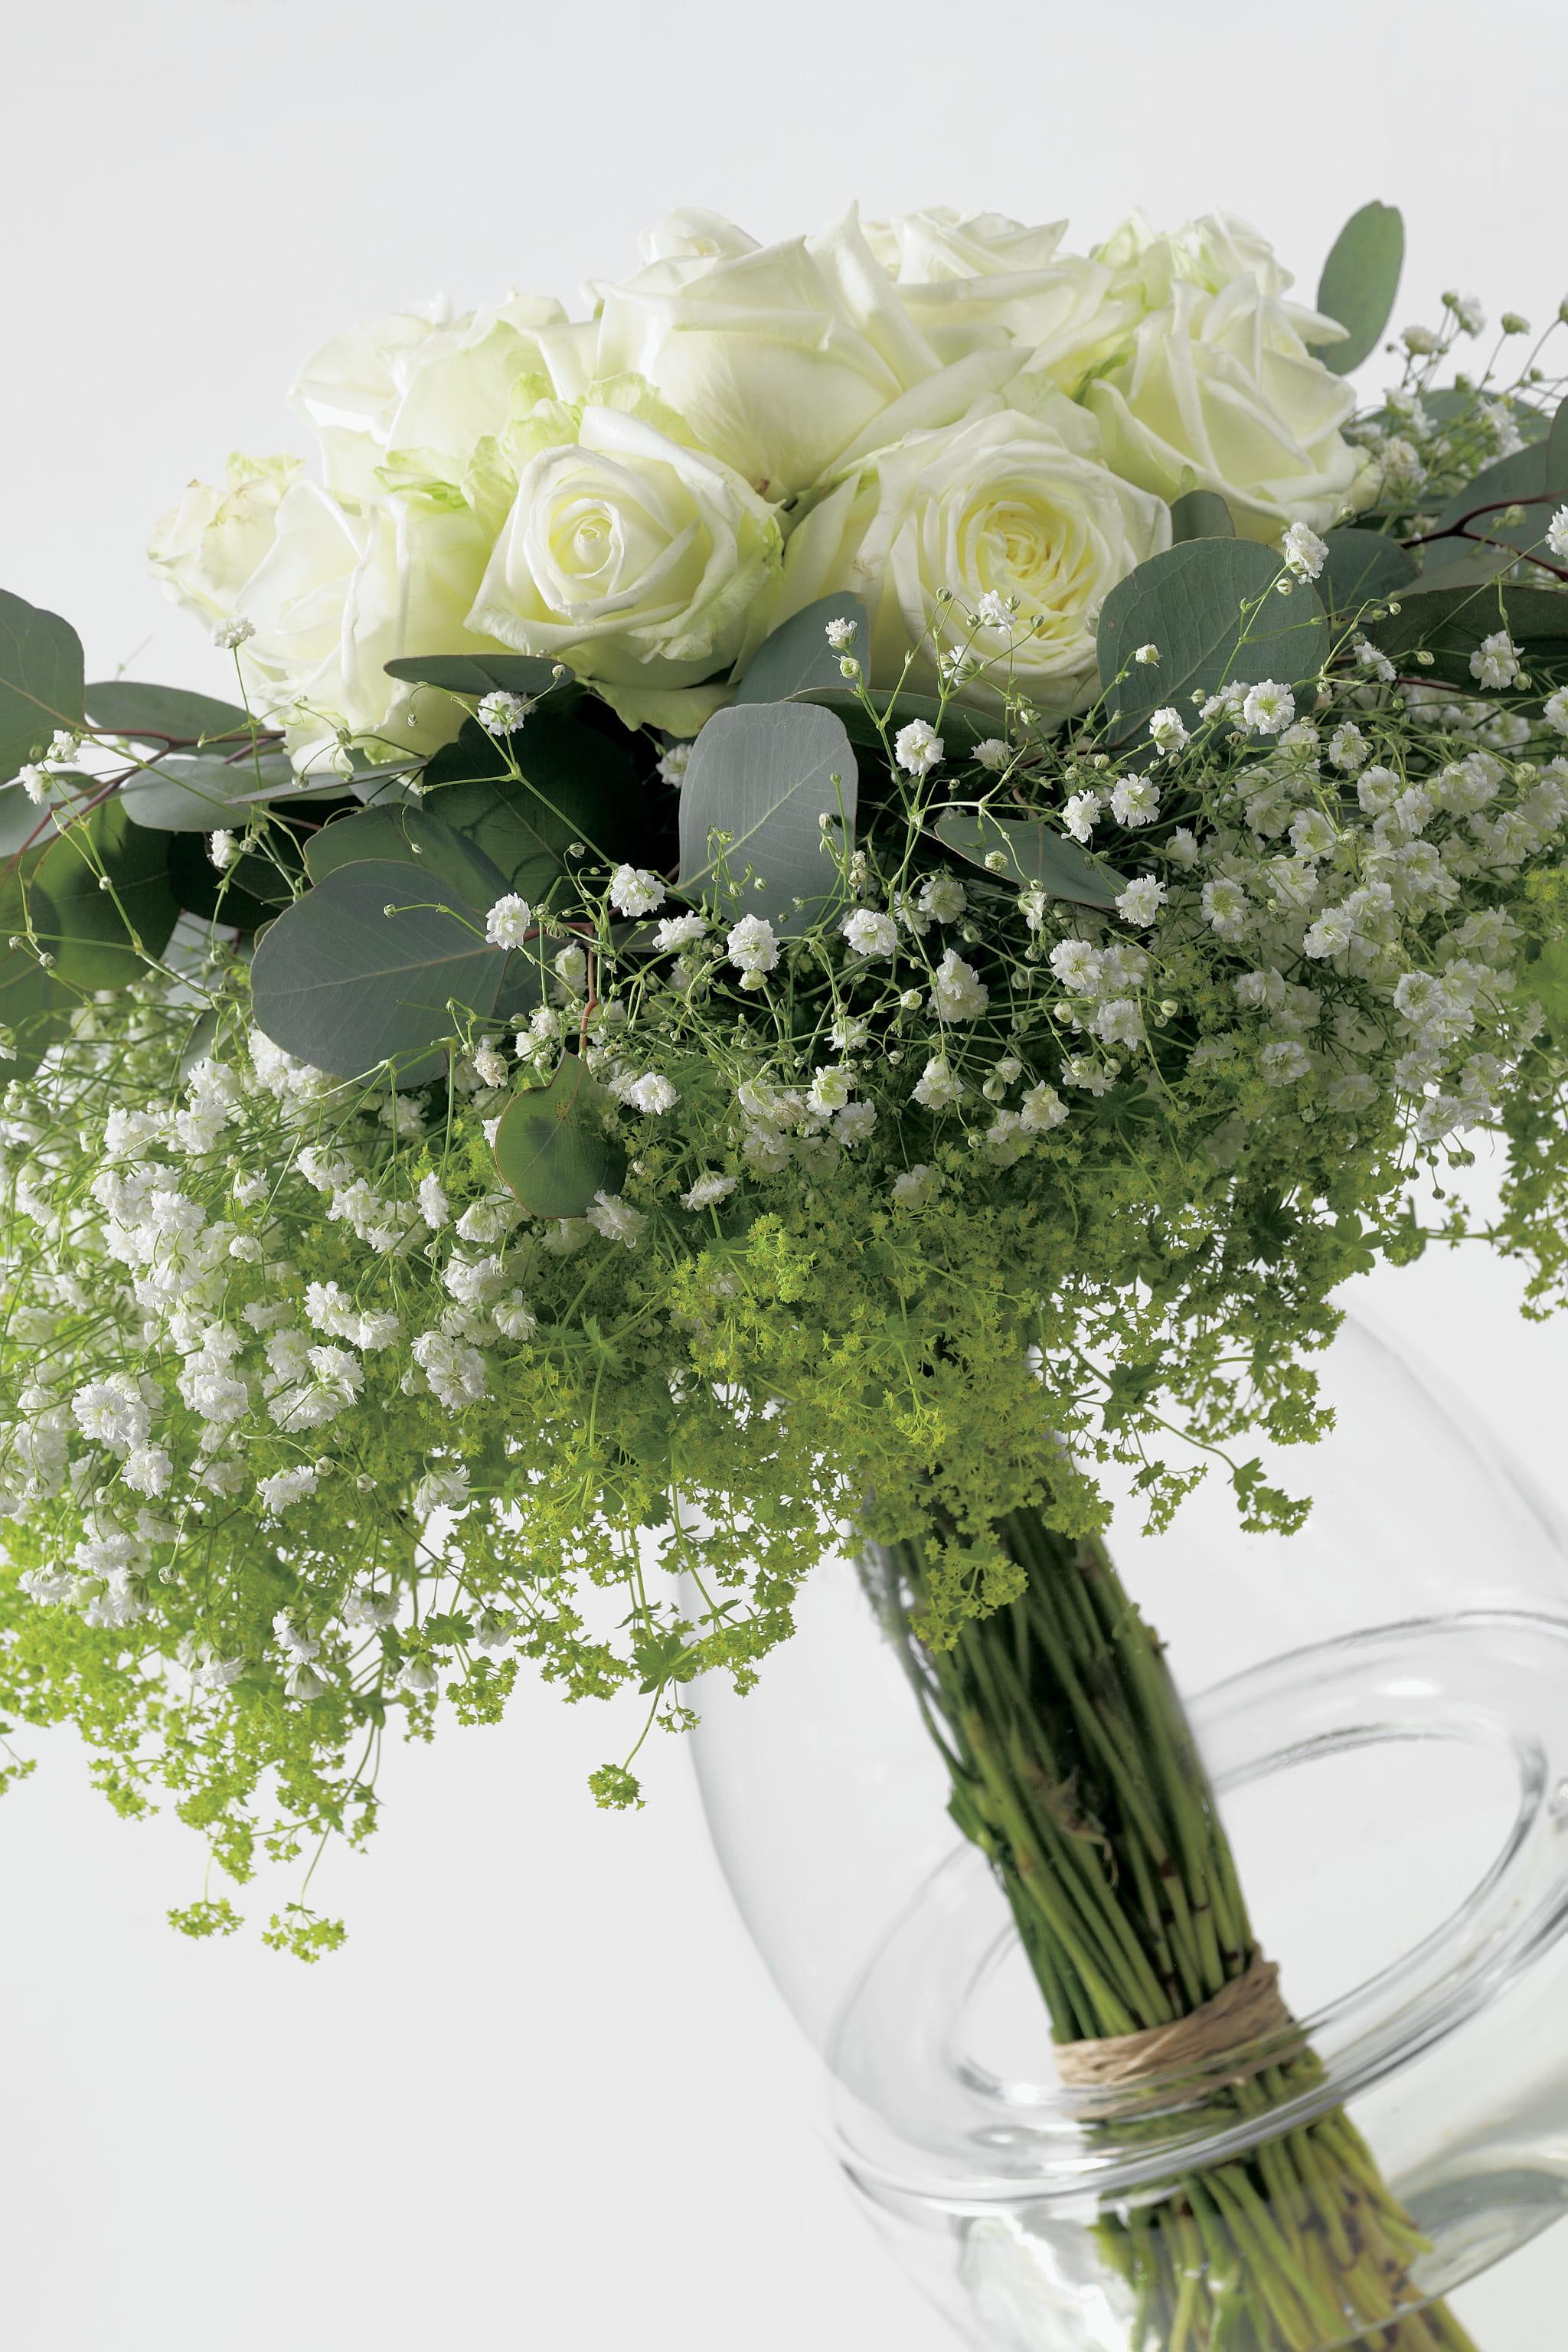 Feuille D Eucalyptus Bouquet un bouquet frais aux feuilles d'eucalyptus